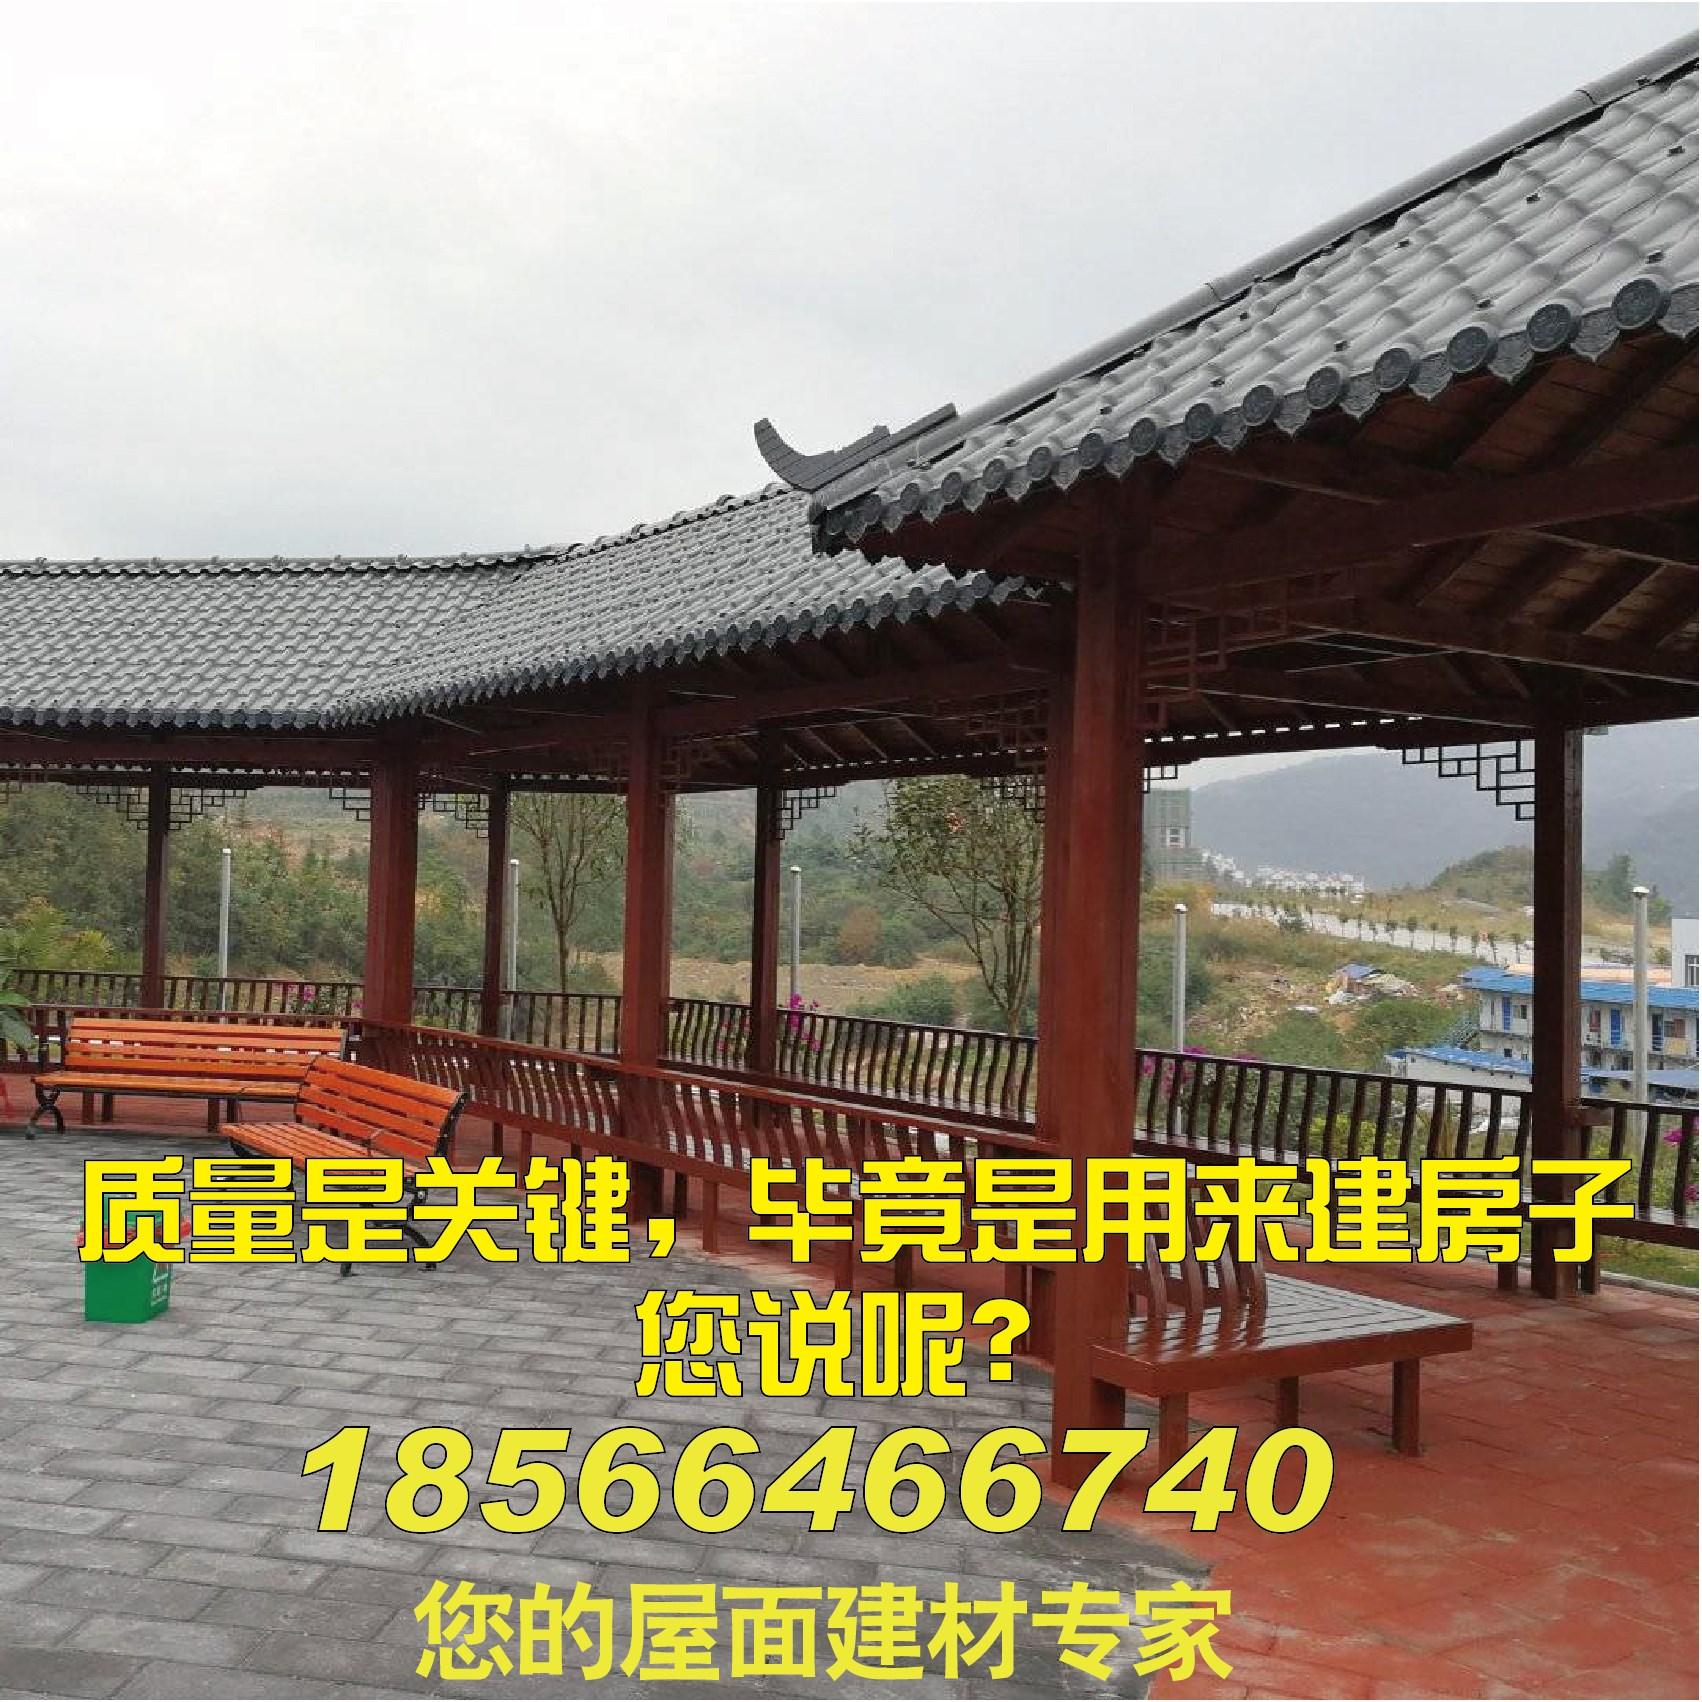 贵州黔西南树脂瓦别墅瓦厂家直销走廊瓦面防腐耐磨瓦ASA合成树脂